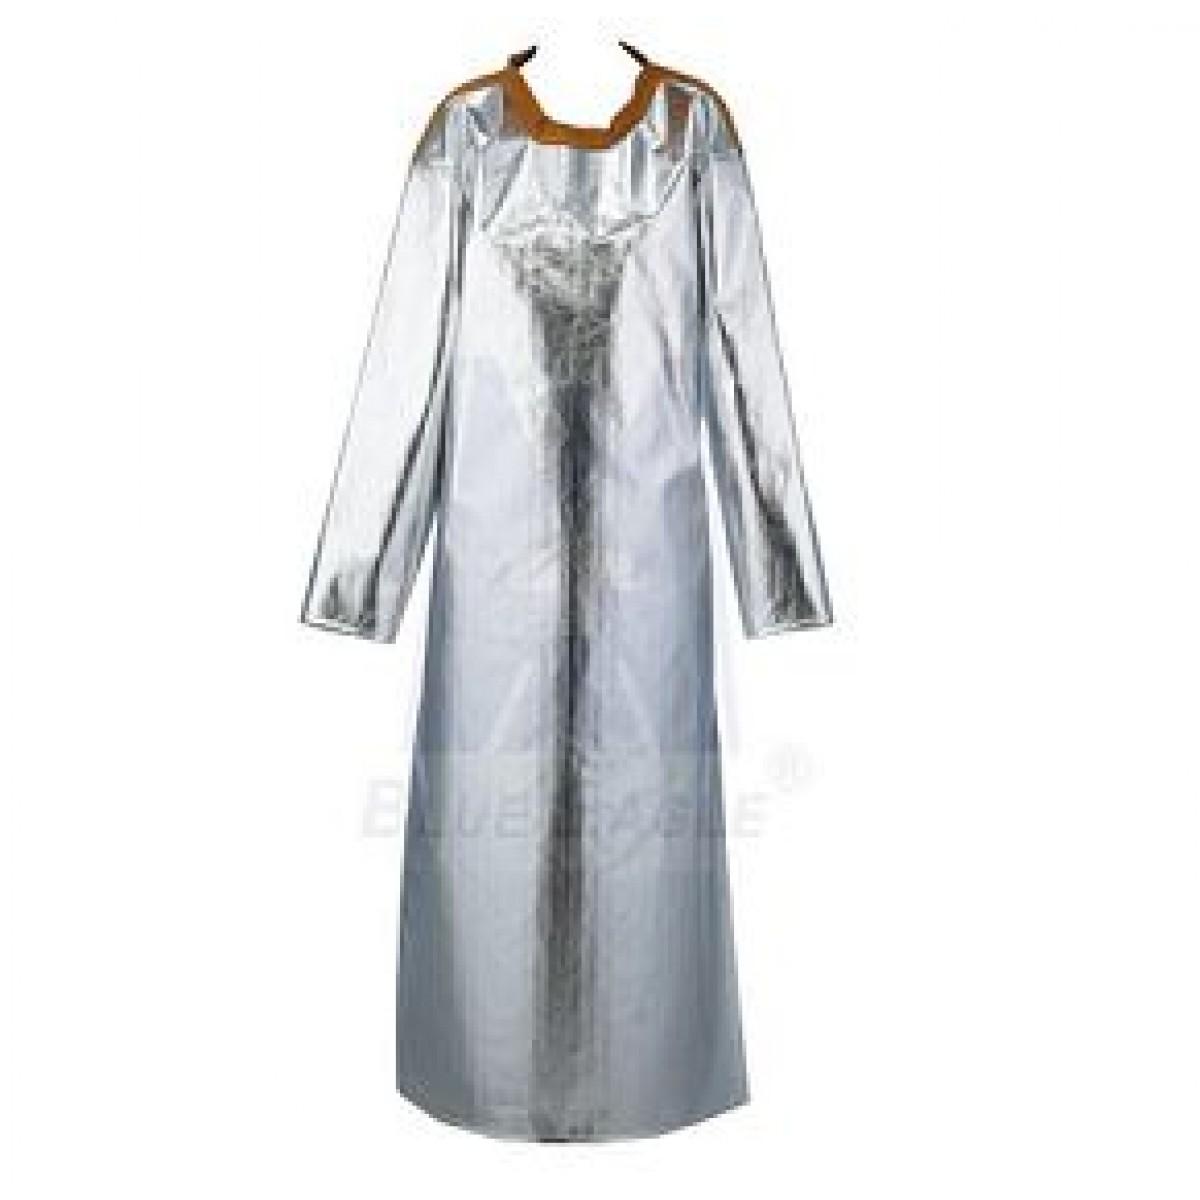 Quần áo chống cháy Chịu Nhiệt Tráng Nhôm DickSon dạng Yếm có tay